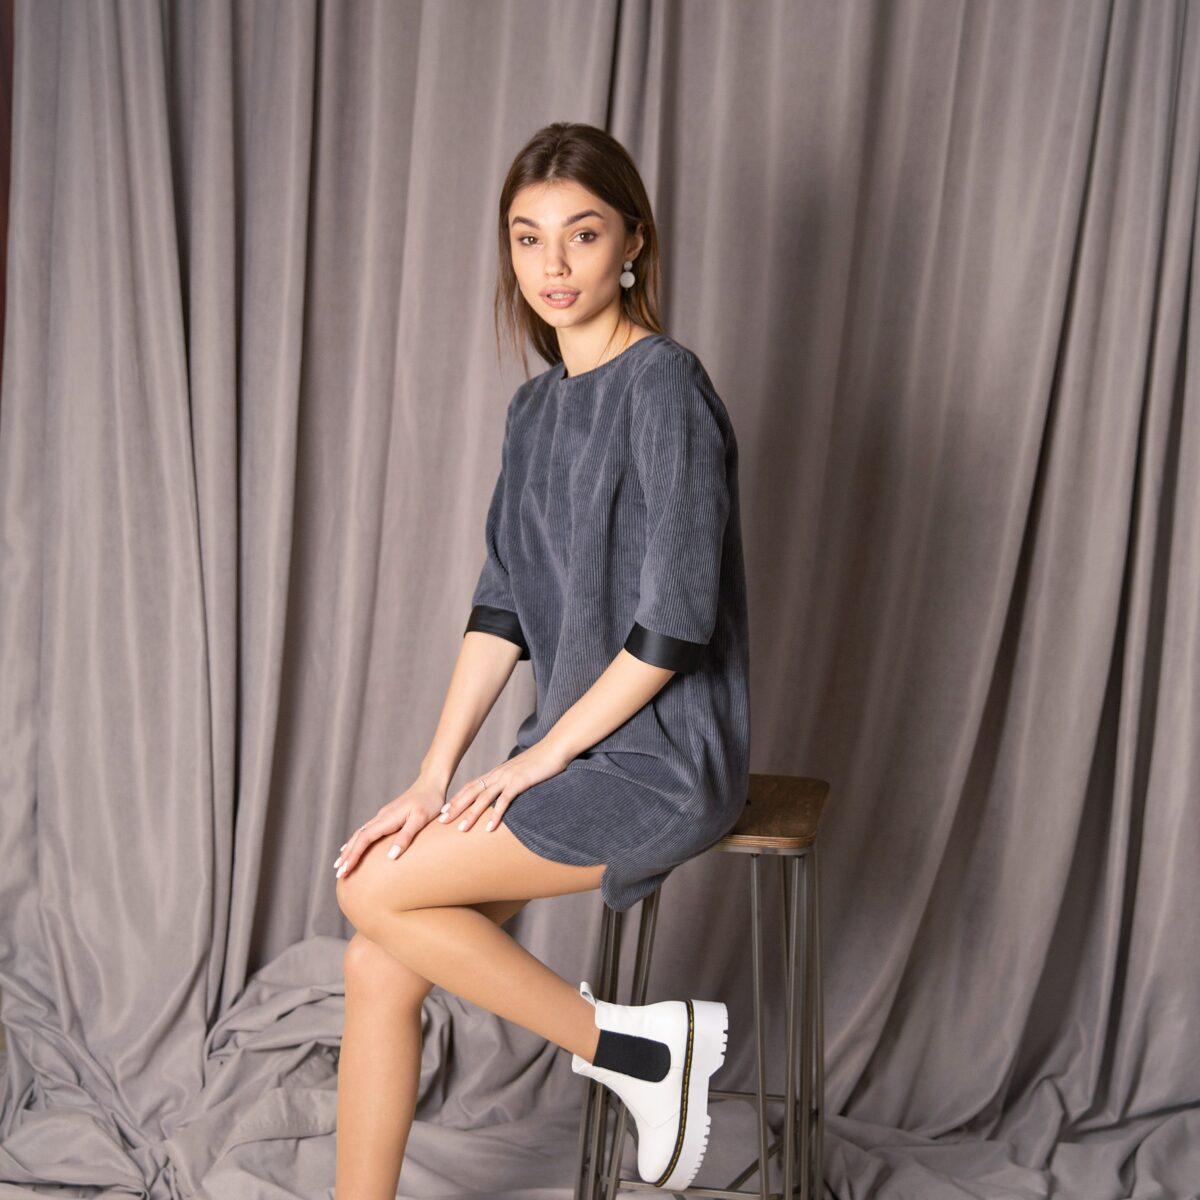 Платье мини из вельвета серого цвета с поясом коллекция весна-лето 2020 года